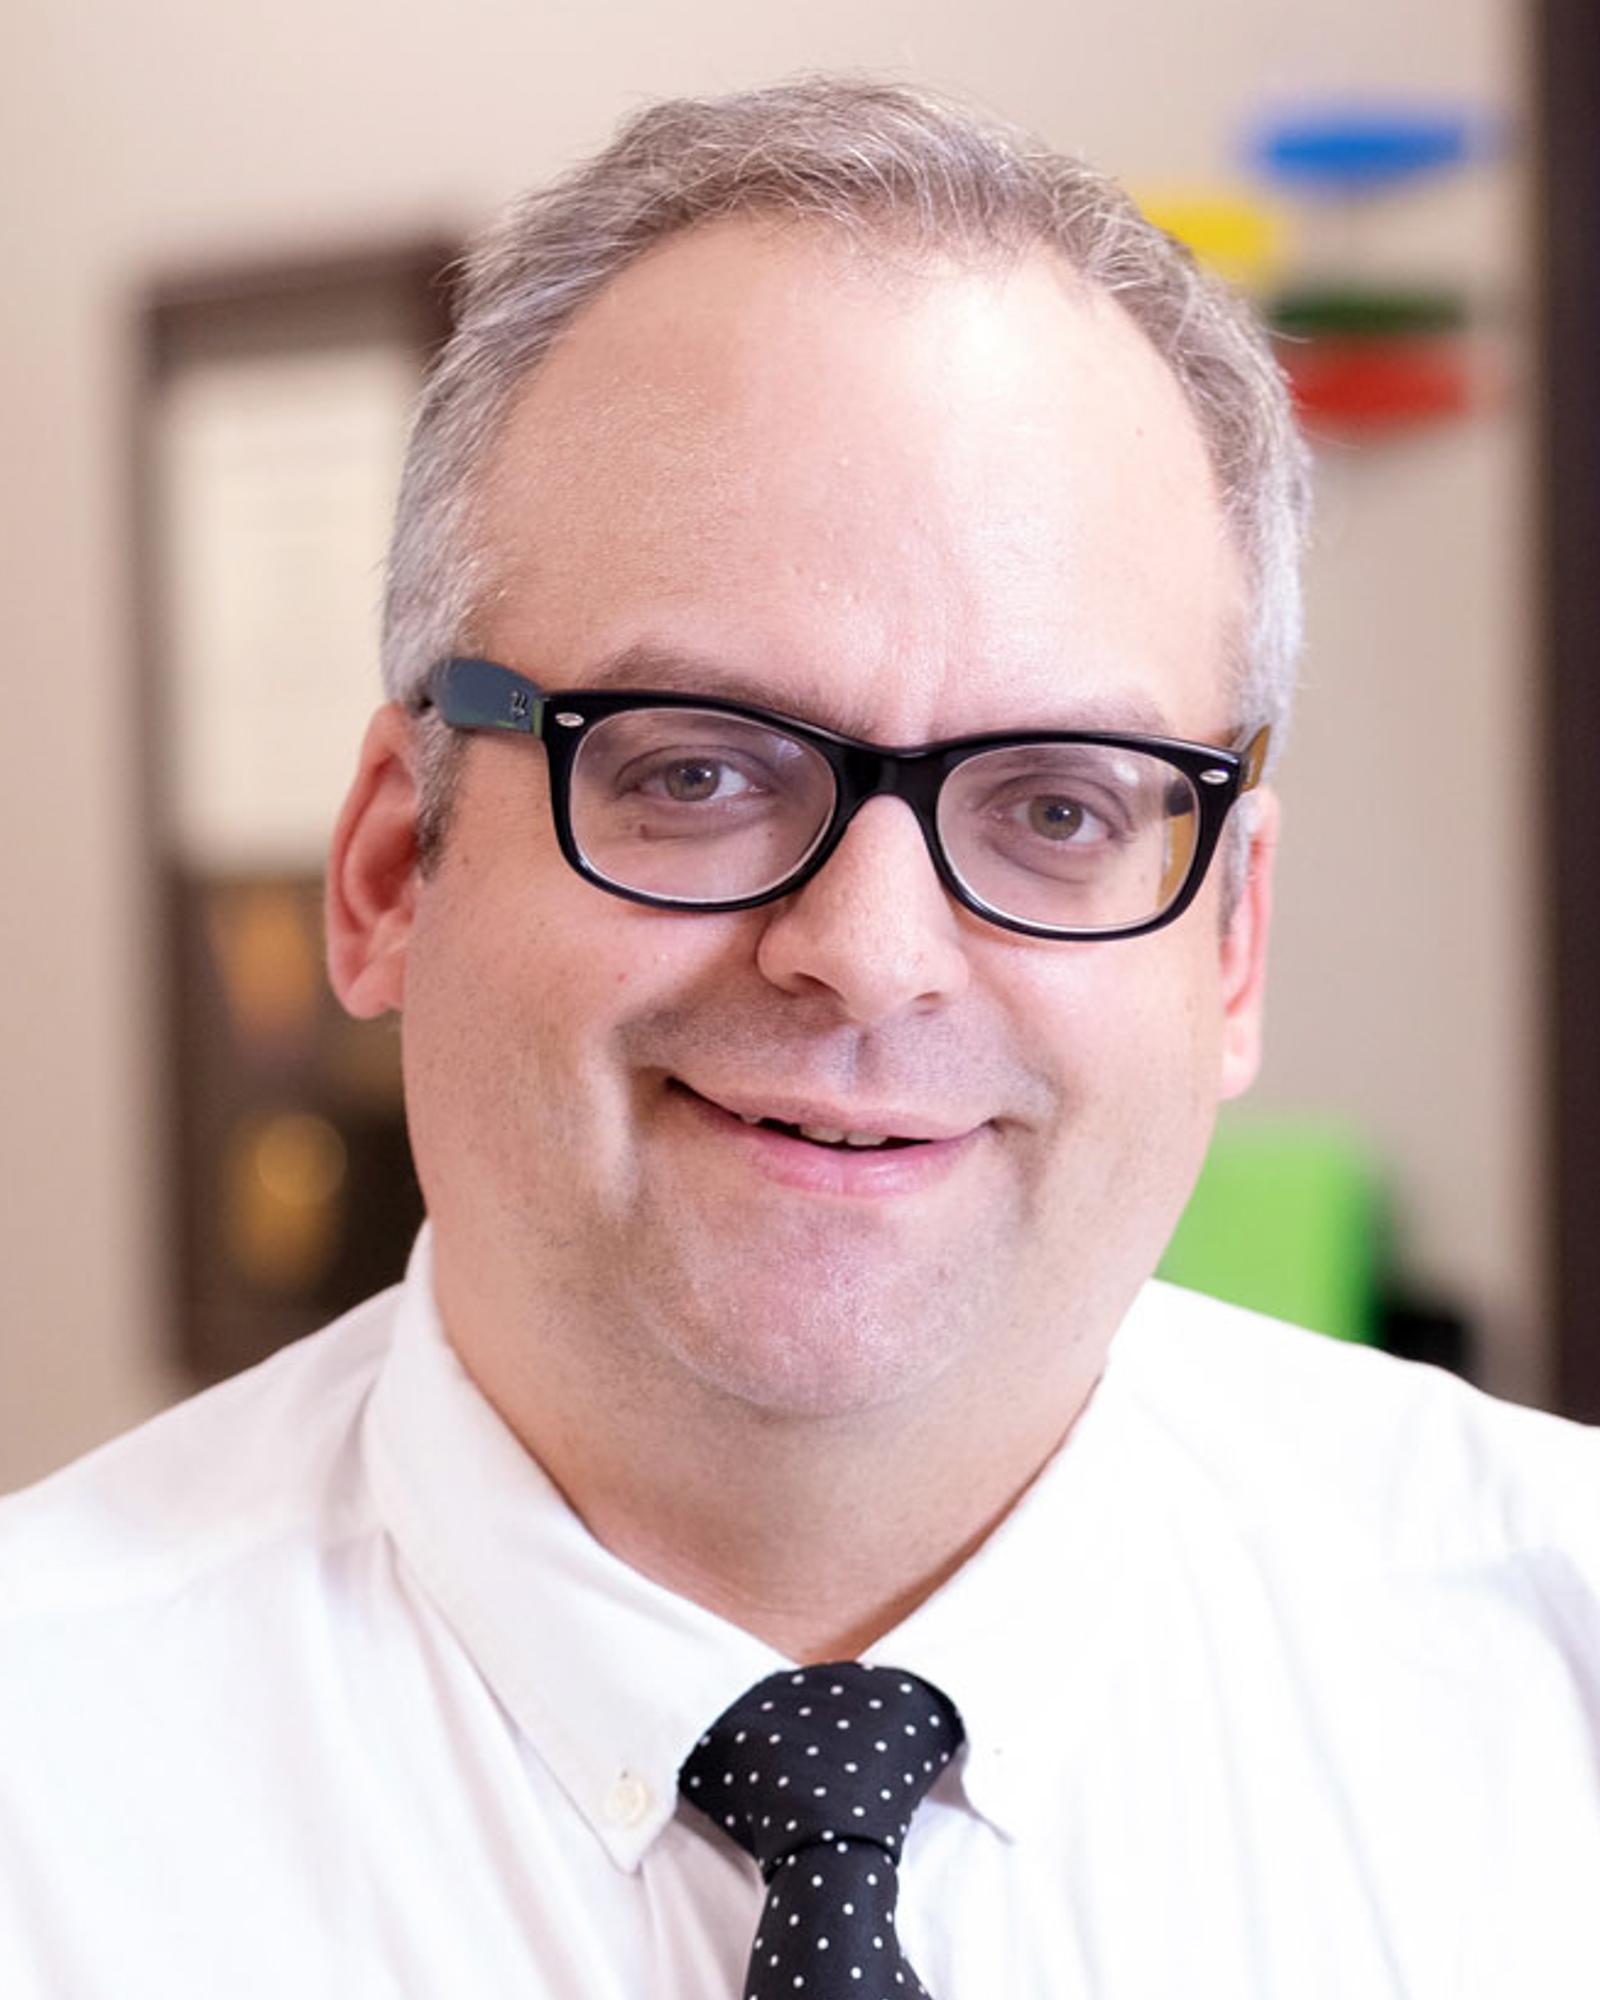 Shaun Accardo, M.D.